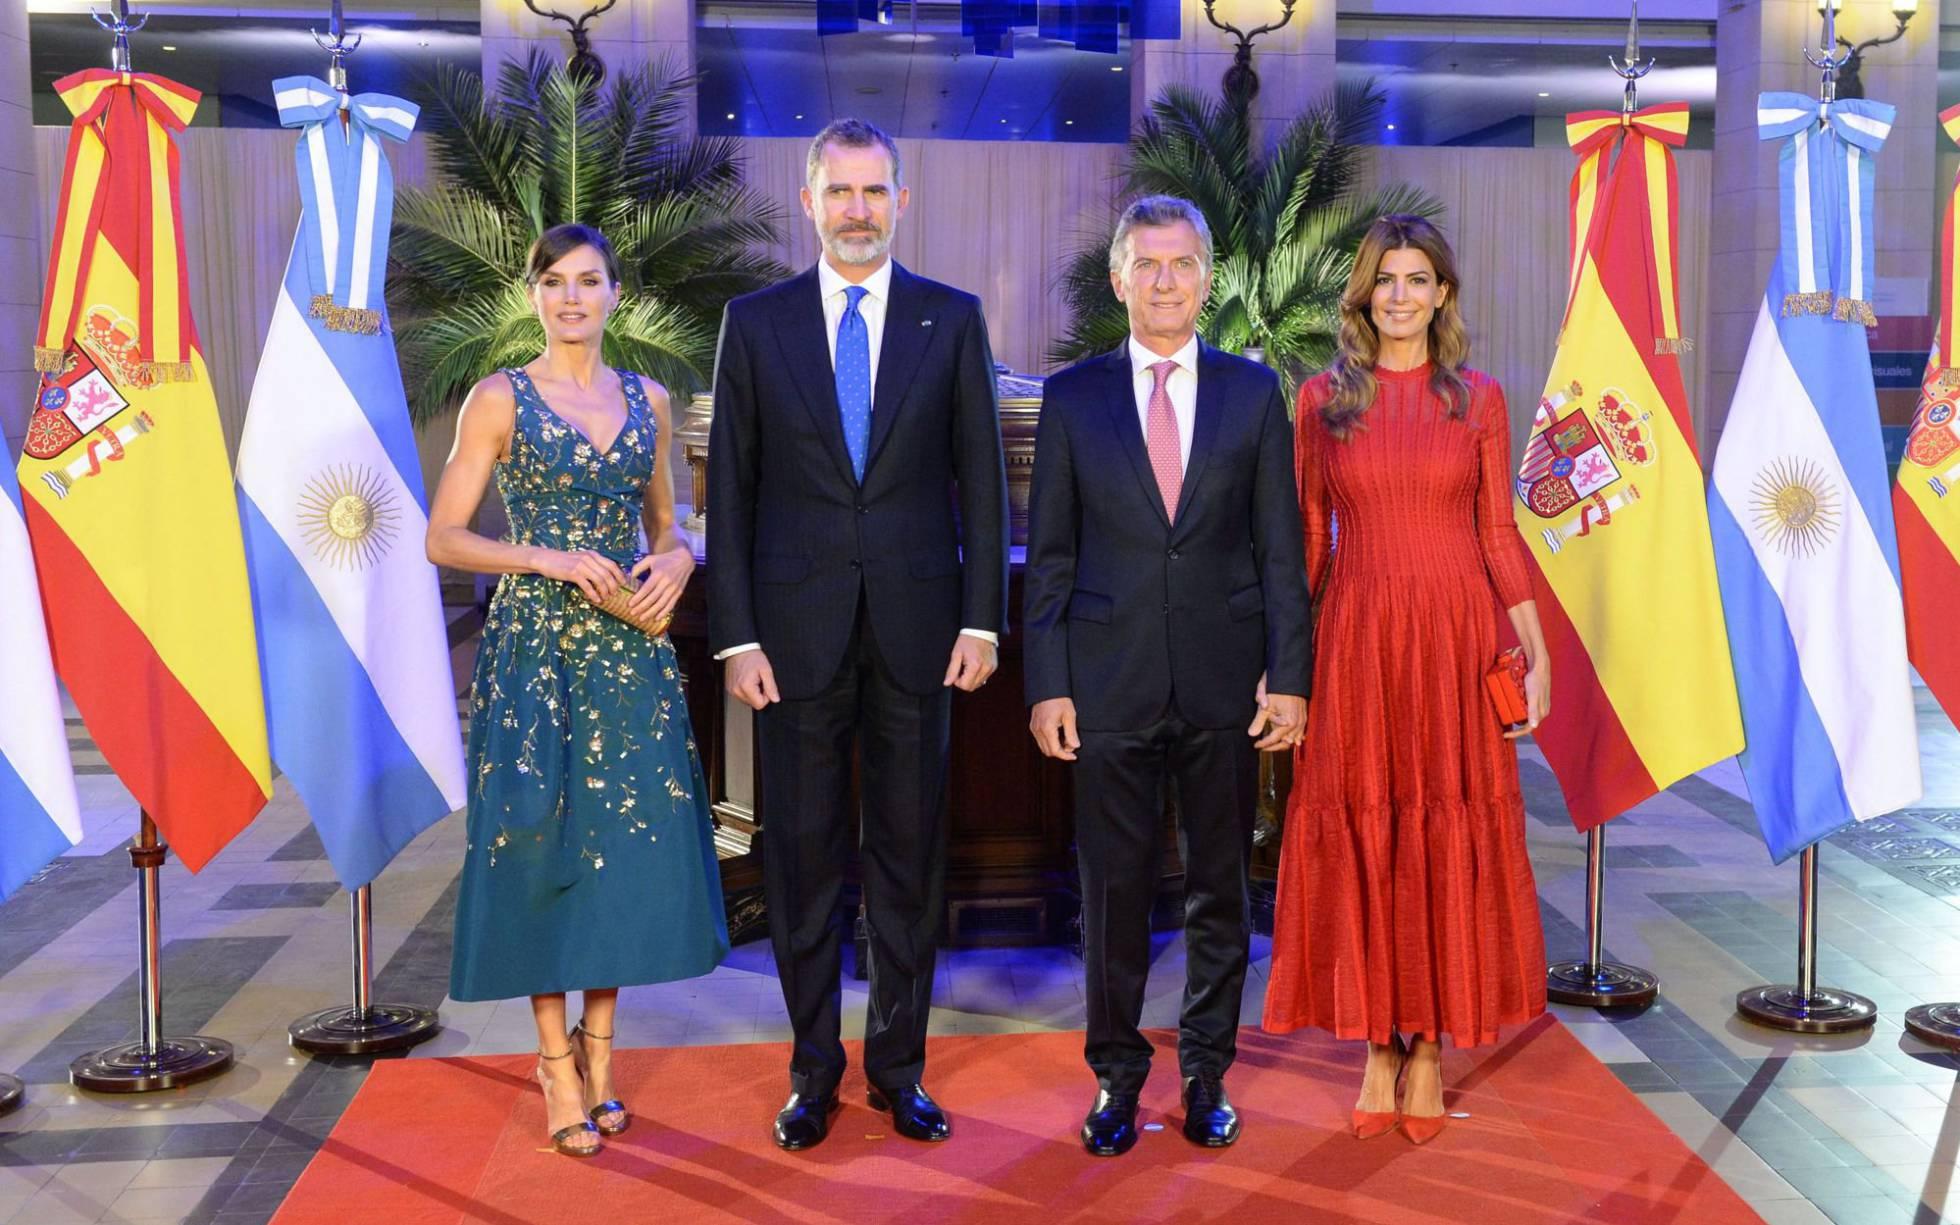 Fotos Los Reyes Con Valeria Mazza Vargas Llosa Y Pimpinela En Argentina Gente Y Famosos El País